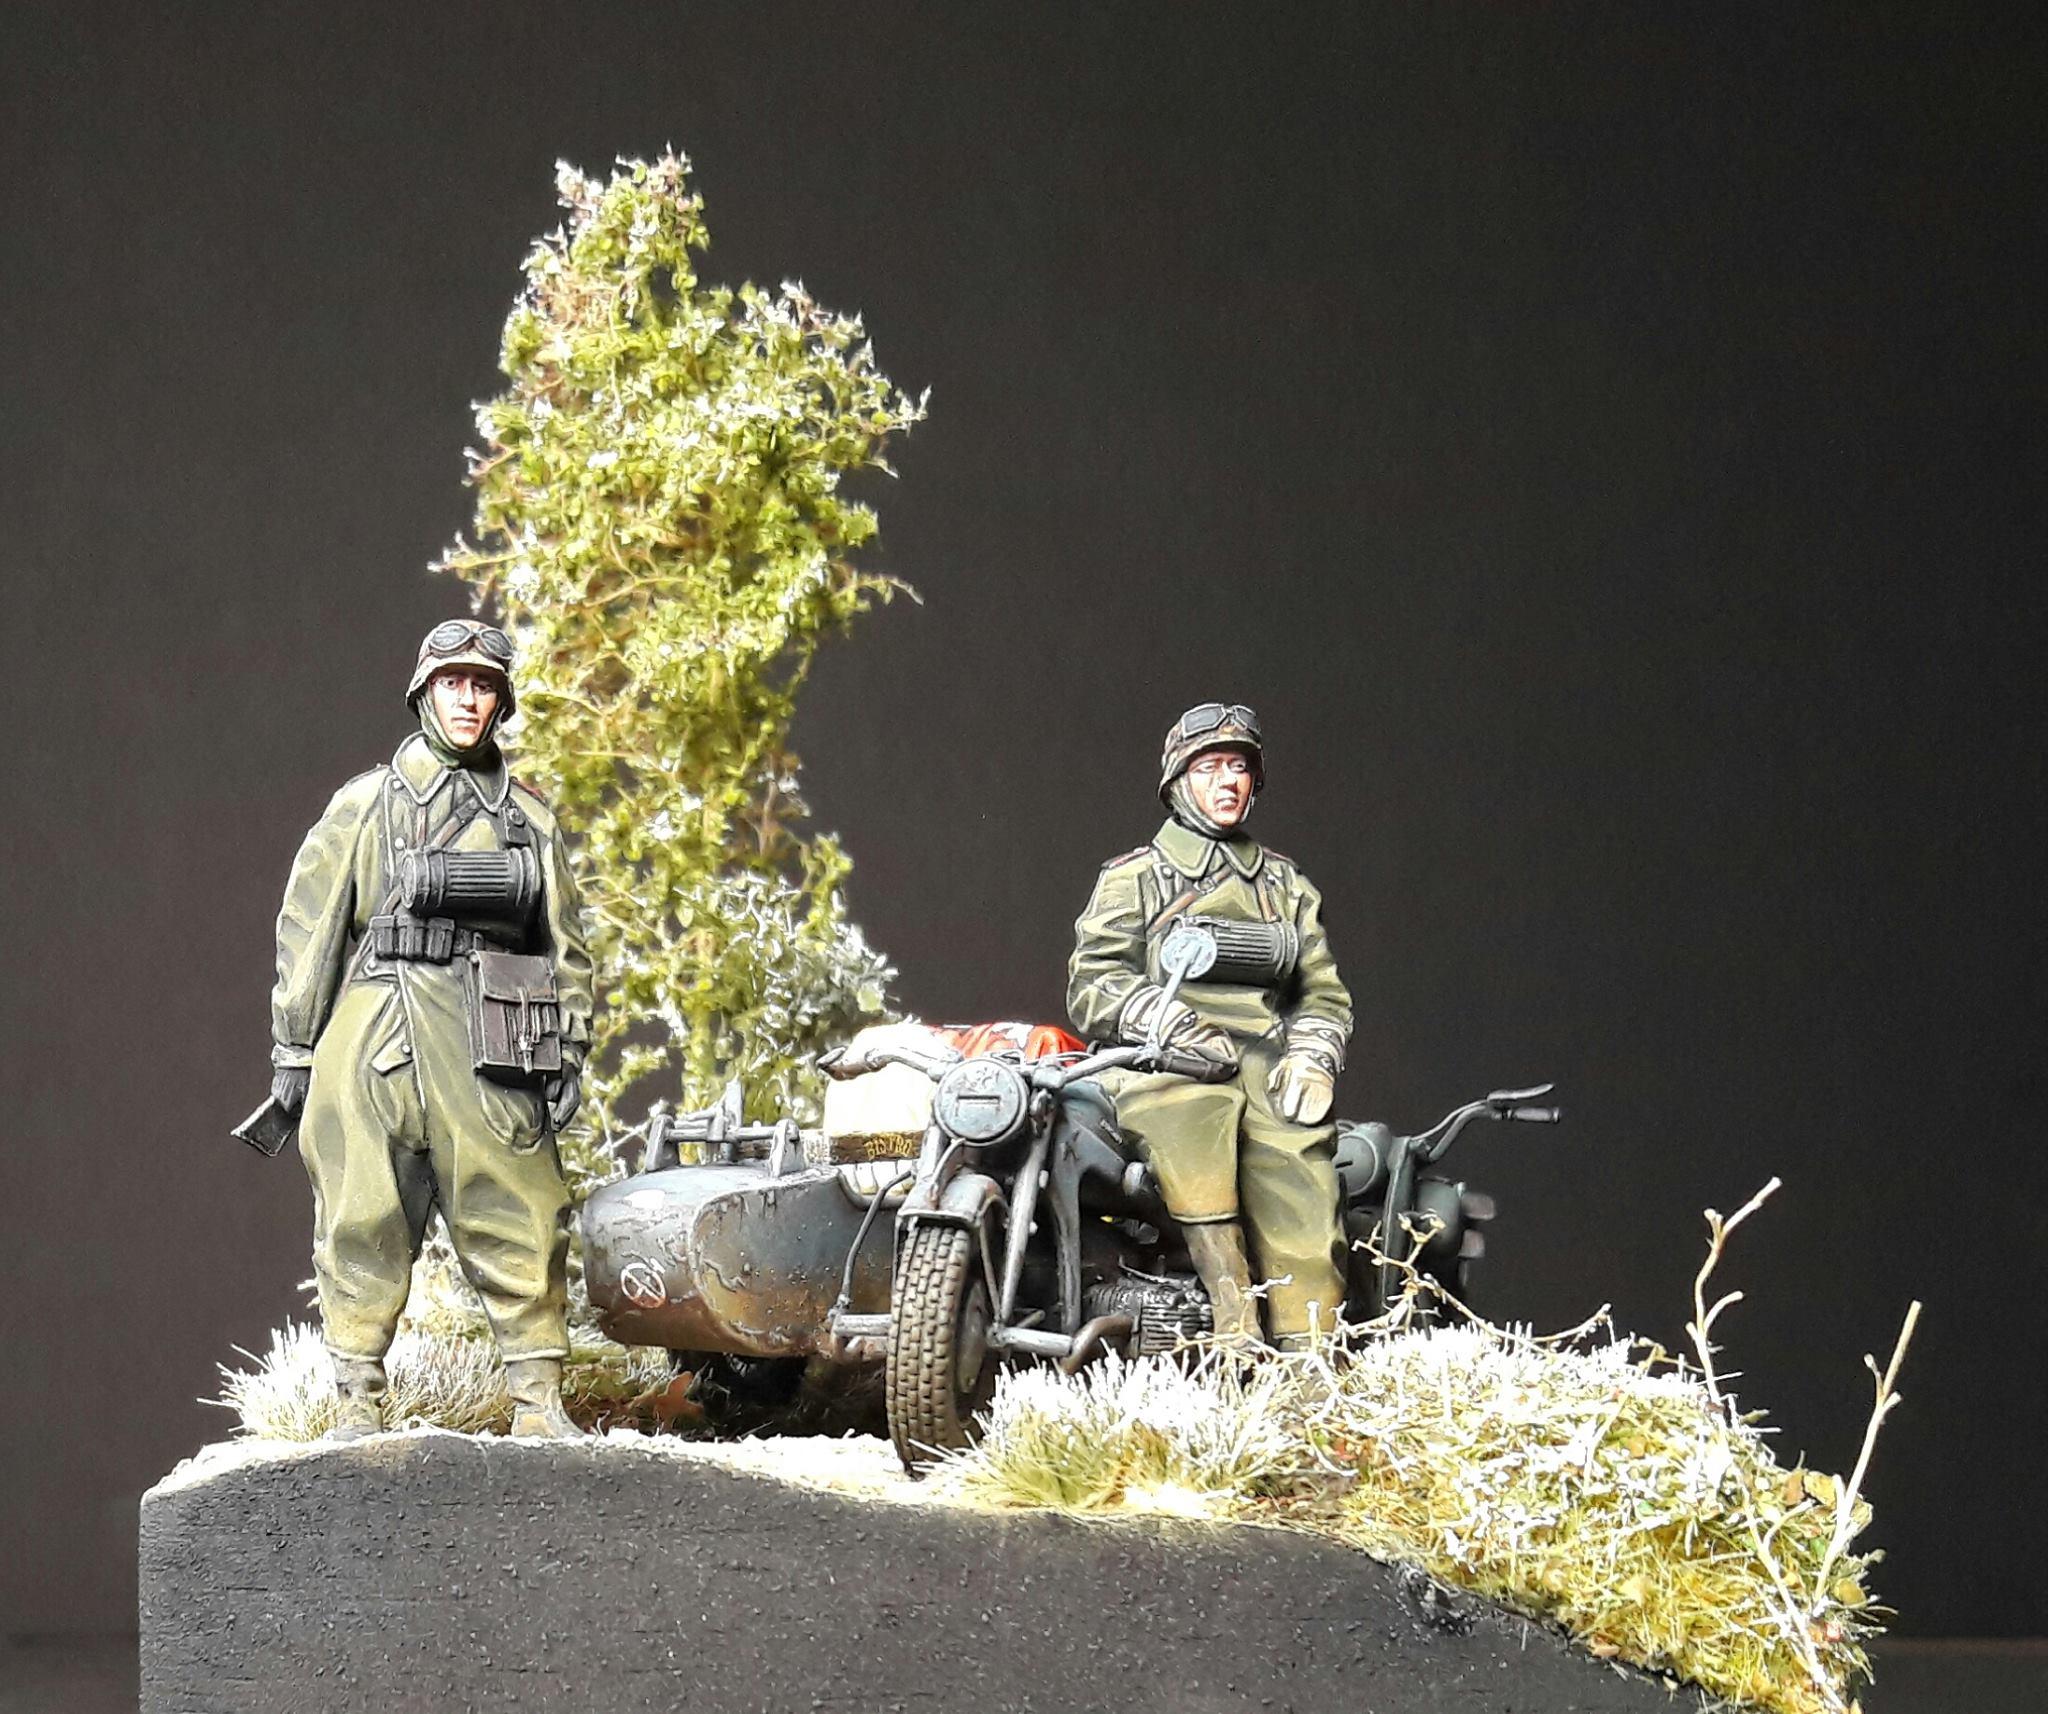 Zündapp KS750 - Sidecar - Great Wall Hobby + figurines Alpine - 1/35 - Page 5 5951532013280810211805849876232114280796o